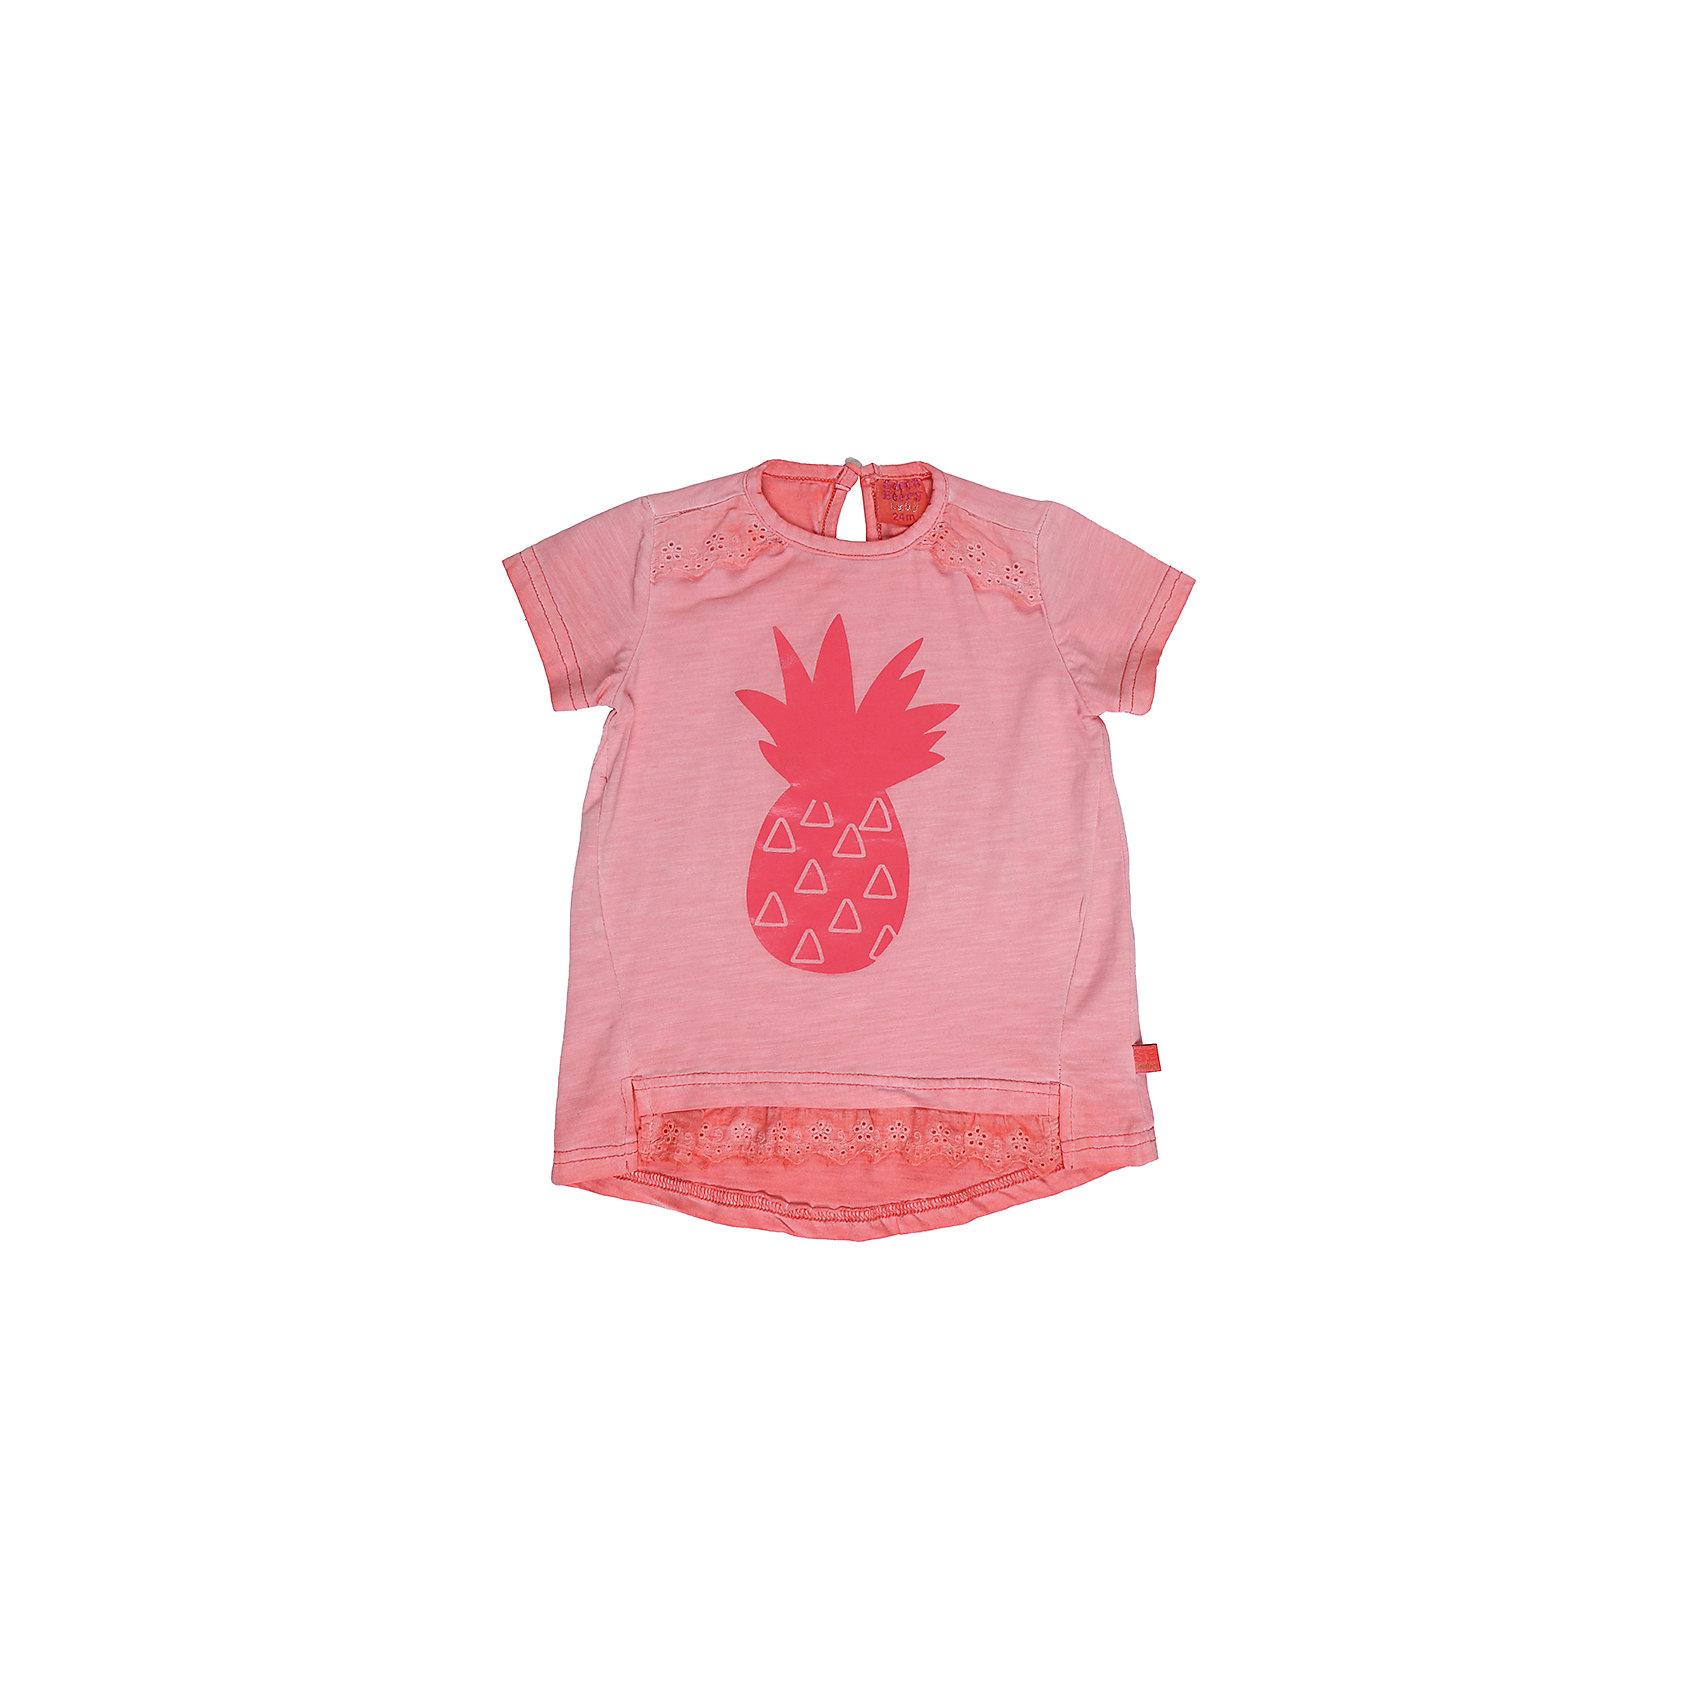 Футболка для девочки Sweet BerryТрикотажная футболка для девочки декорированная оригинальным принтом и кружевом. На спинке застегивается на пуговку.<br>Состав:<br>100%хлопок<br><br>Ширина мм: 199<br>Глубина мм: 10<br>Высота мм: 161<br>Вес г: 151<br>Цвет: оранжевый<br>Возраст от месяцев: 12<br>Возраст до месяцев: 15<br>Пол: Женский<br>Возраст: Детский<br>Размер: 80,86,92,98<br>SKU: 5410944